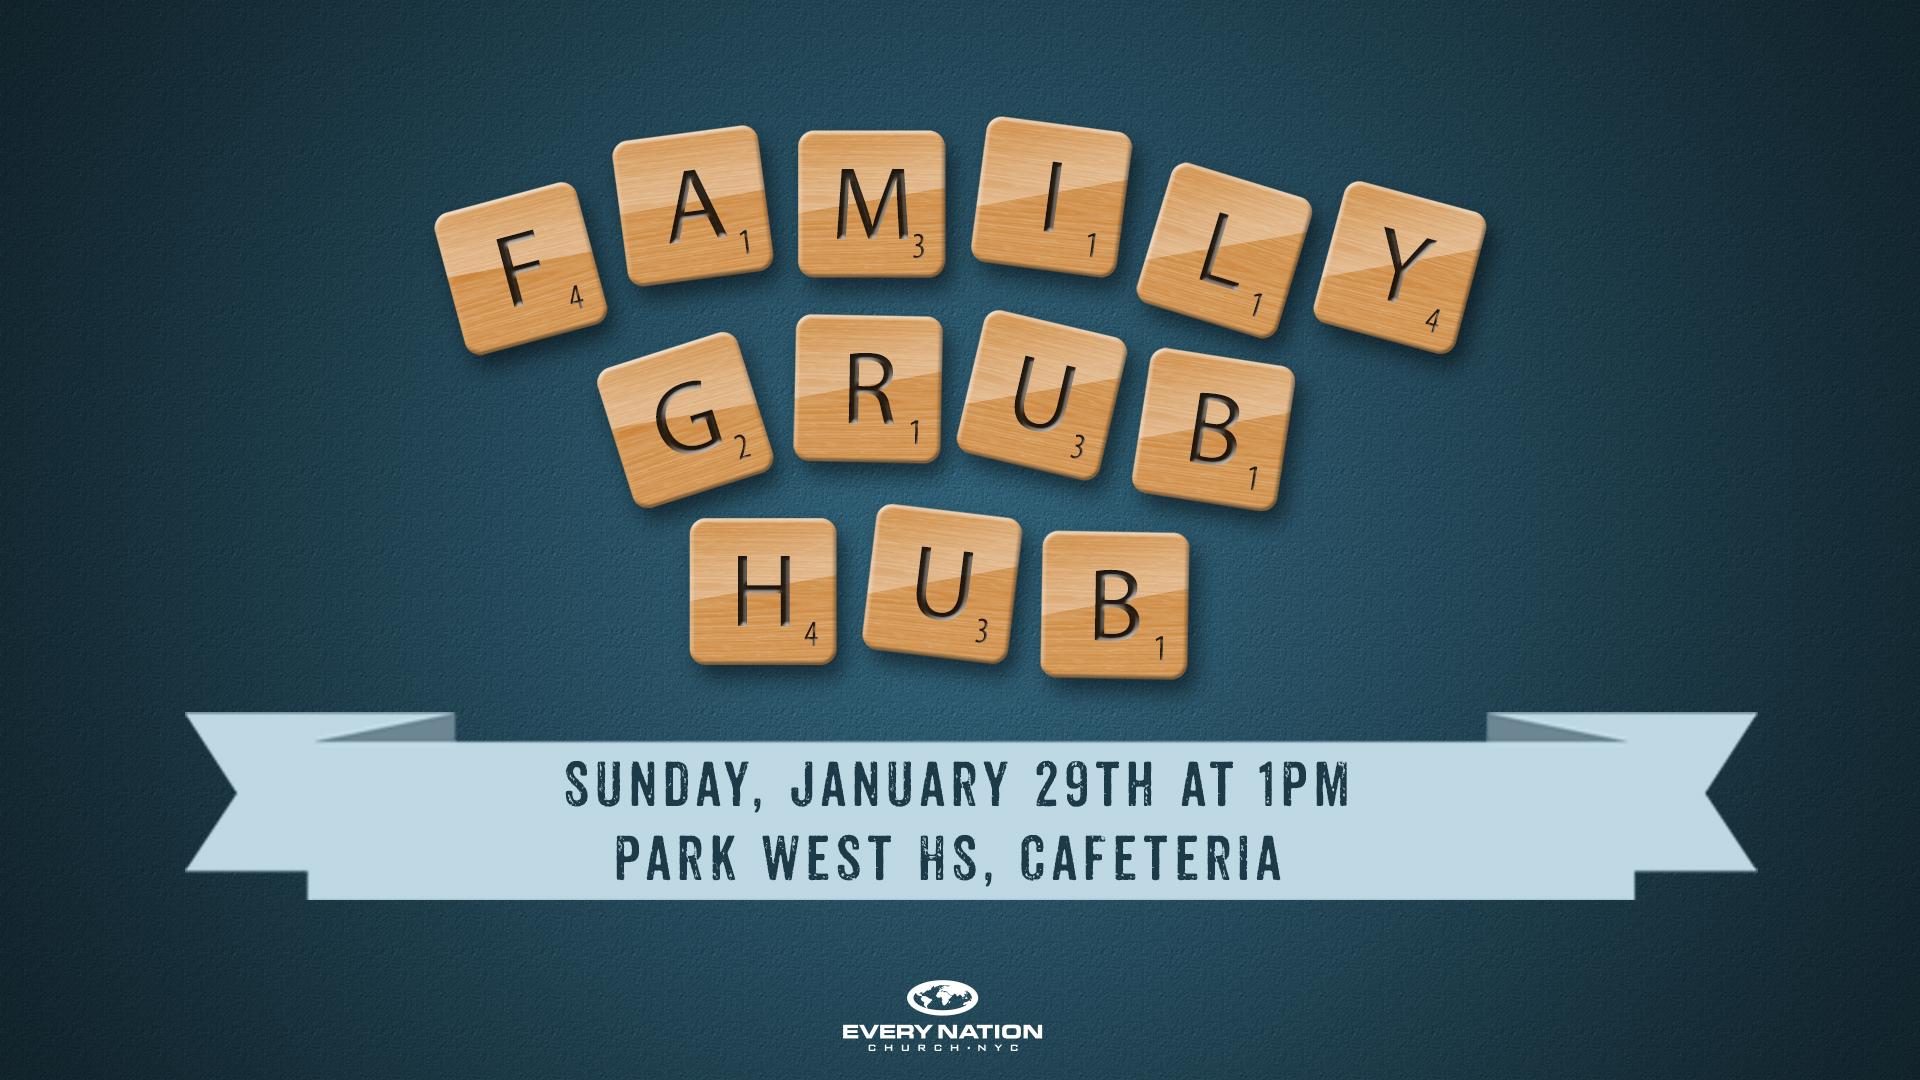 West Side Grub Hub